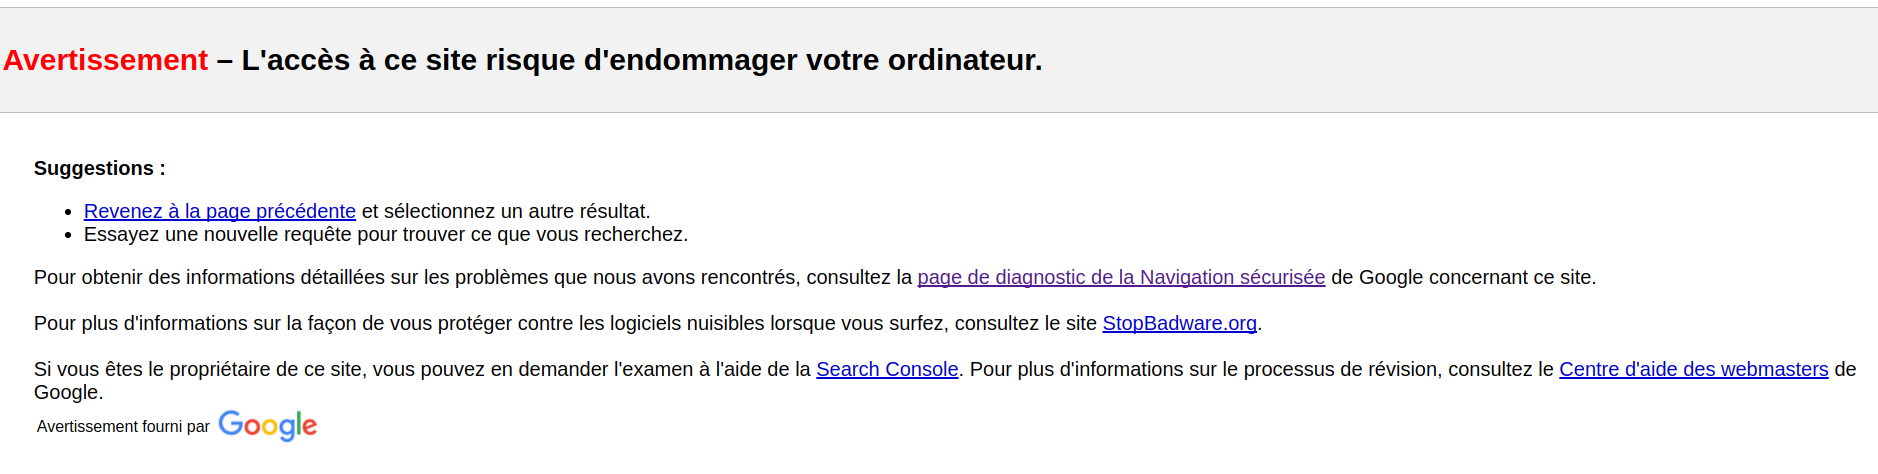 Google bloque l'accès au site internet piraté